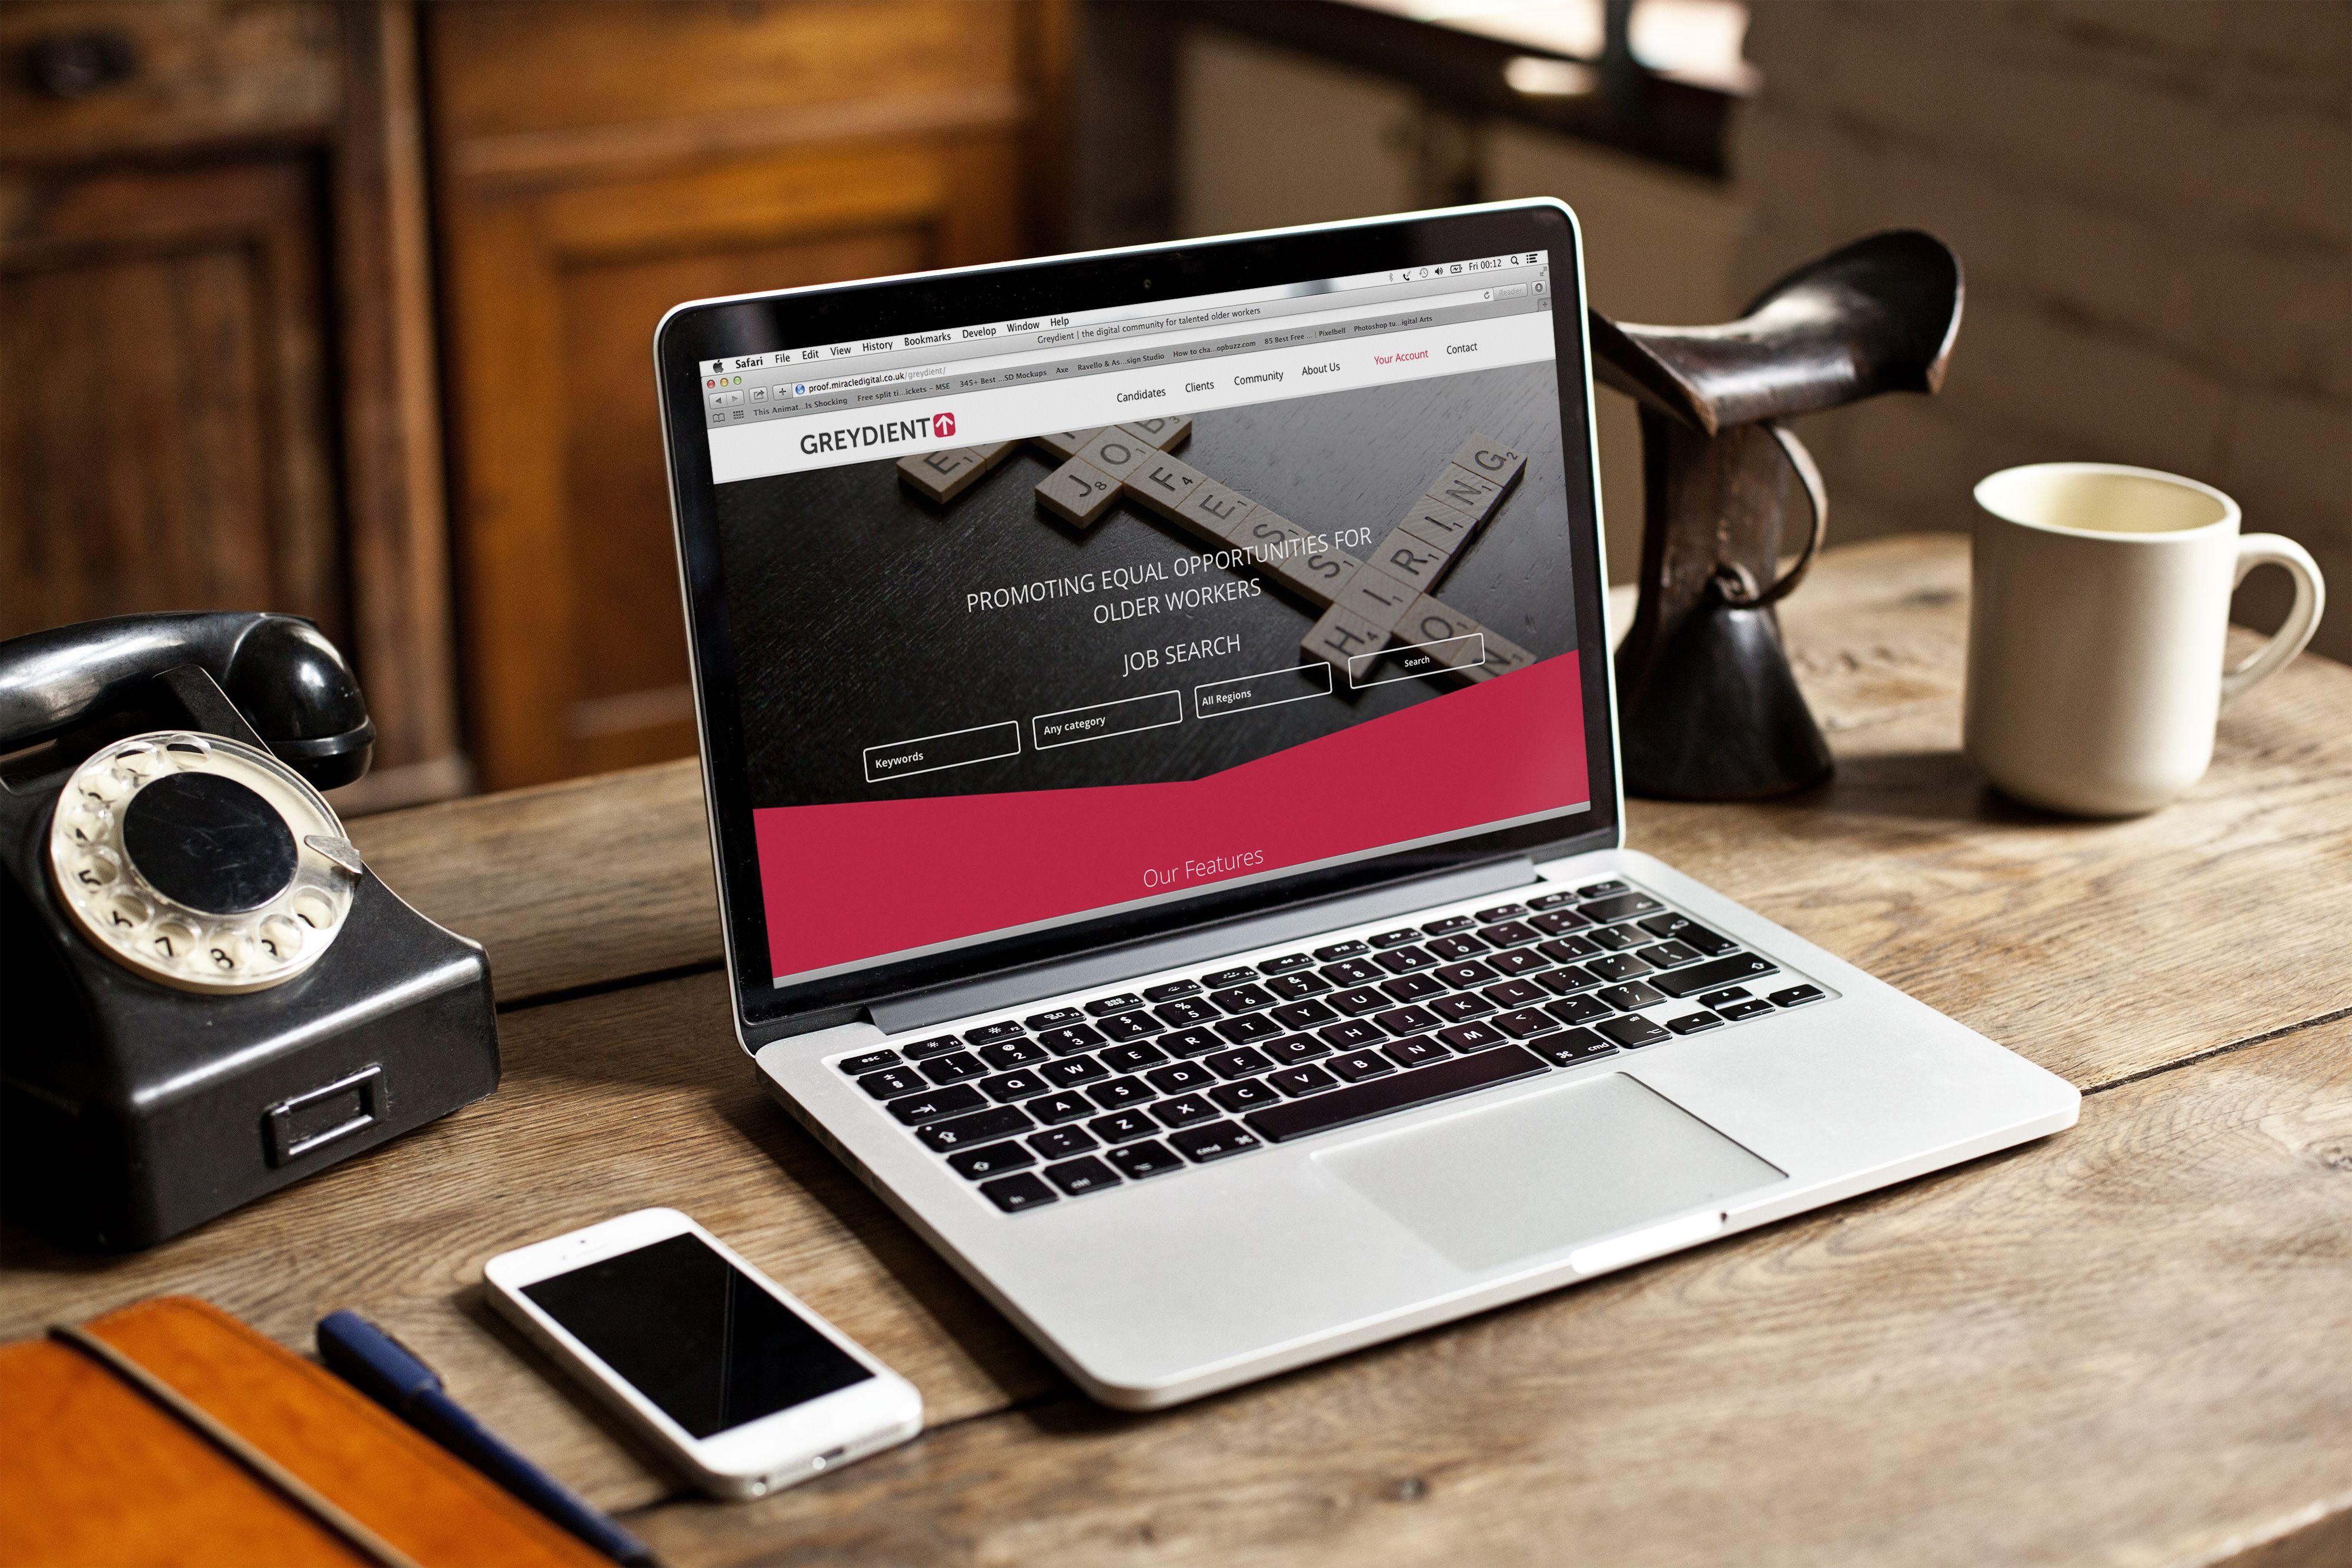 Greydient Jobs recruitment website displayed on MacBook